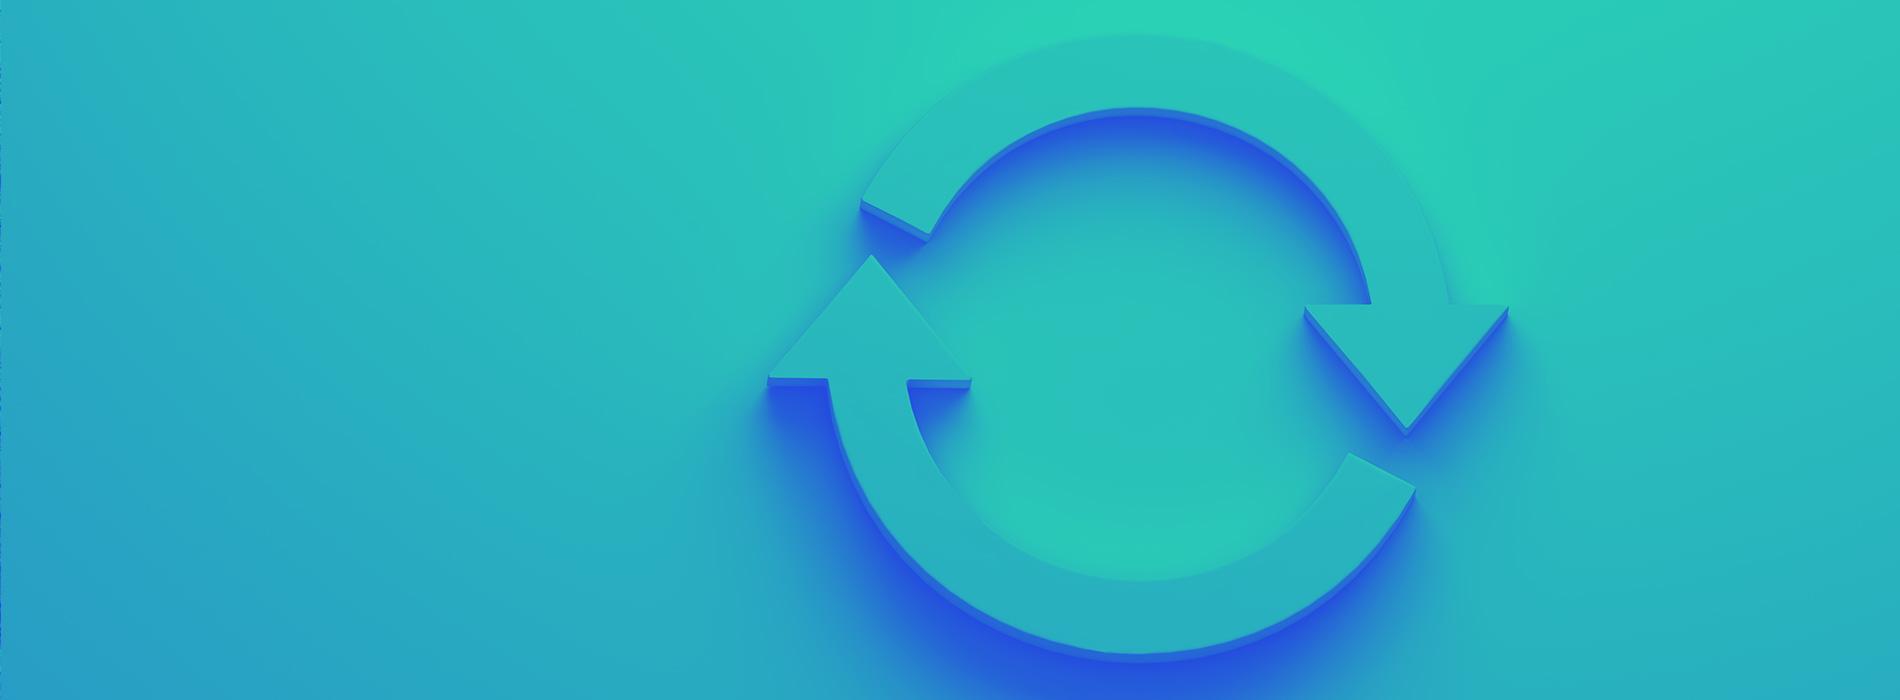 Keyword-Platzhalter in Google Ads Anzeigen nutzen